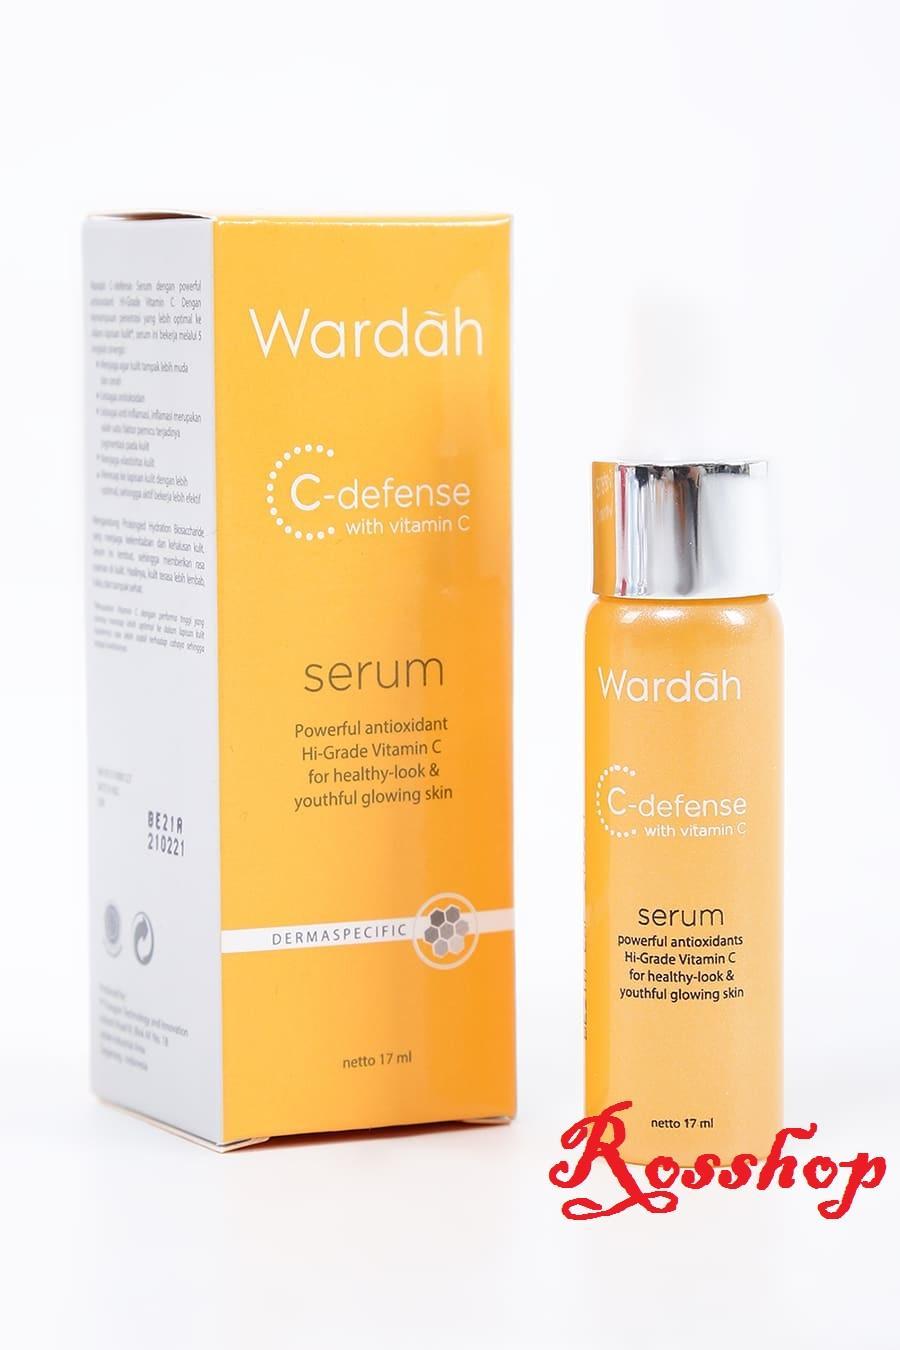 Jual Perawatan Kulit Wardah Essential Facial Scrub 600 Ml C Defense Serum Vitamin 17ml